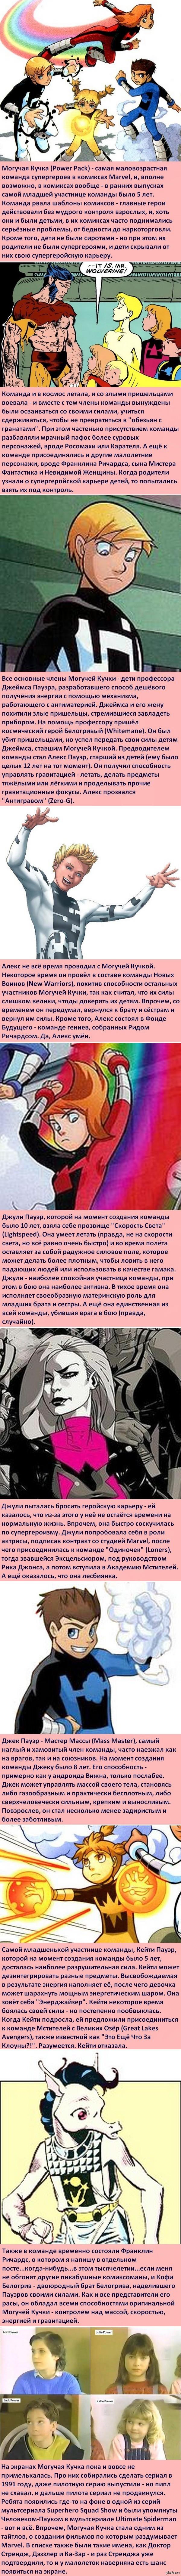 Факты о супергероях: Могучая Кучка А ещё им временно помогала могущественная космическая сущность с лицом Вупи Голдберг.